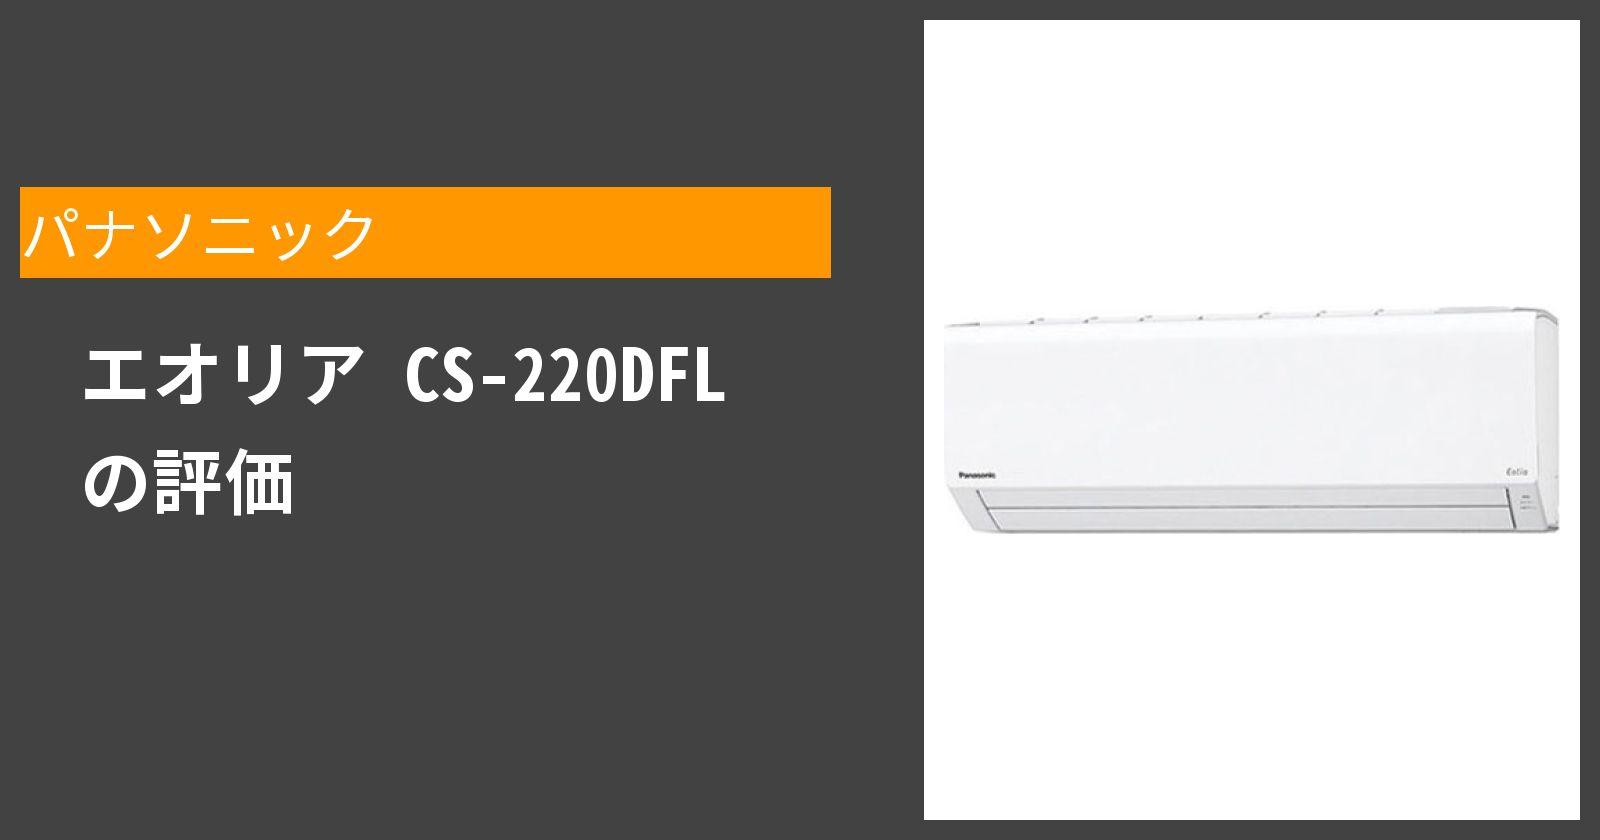 エオリア CS-220DFLを徹底評価